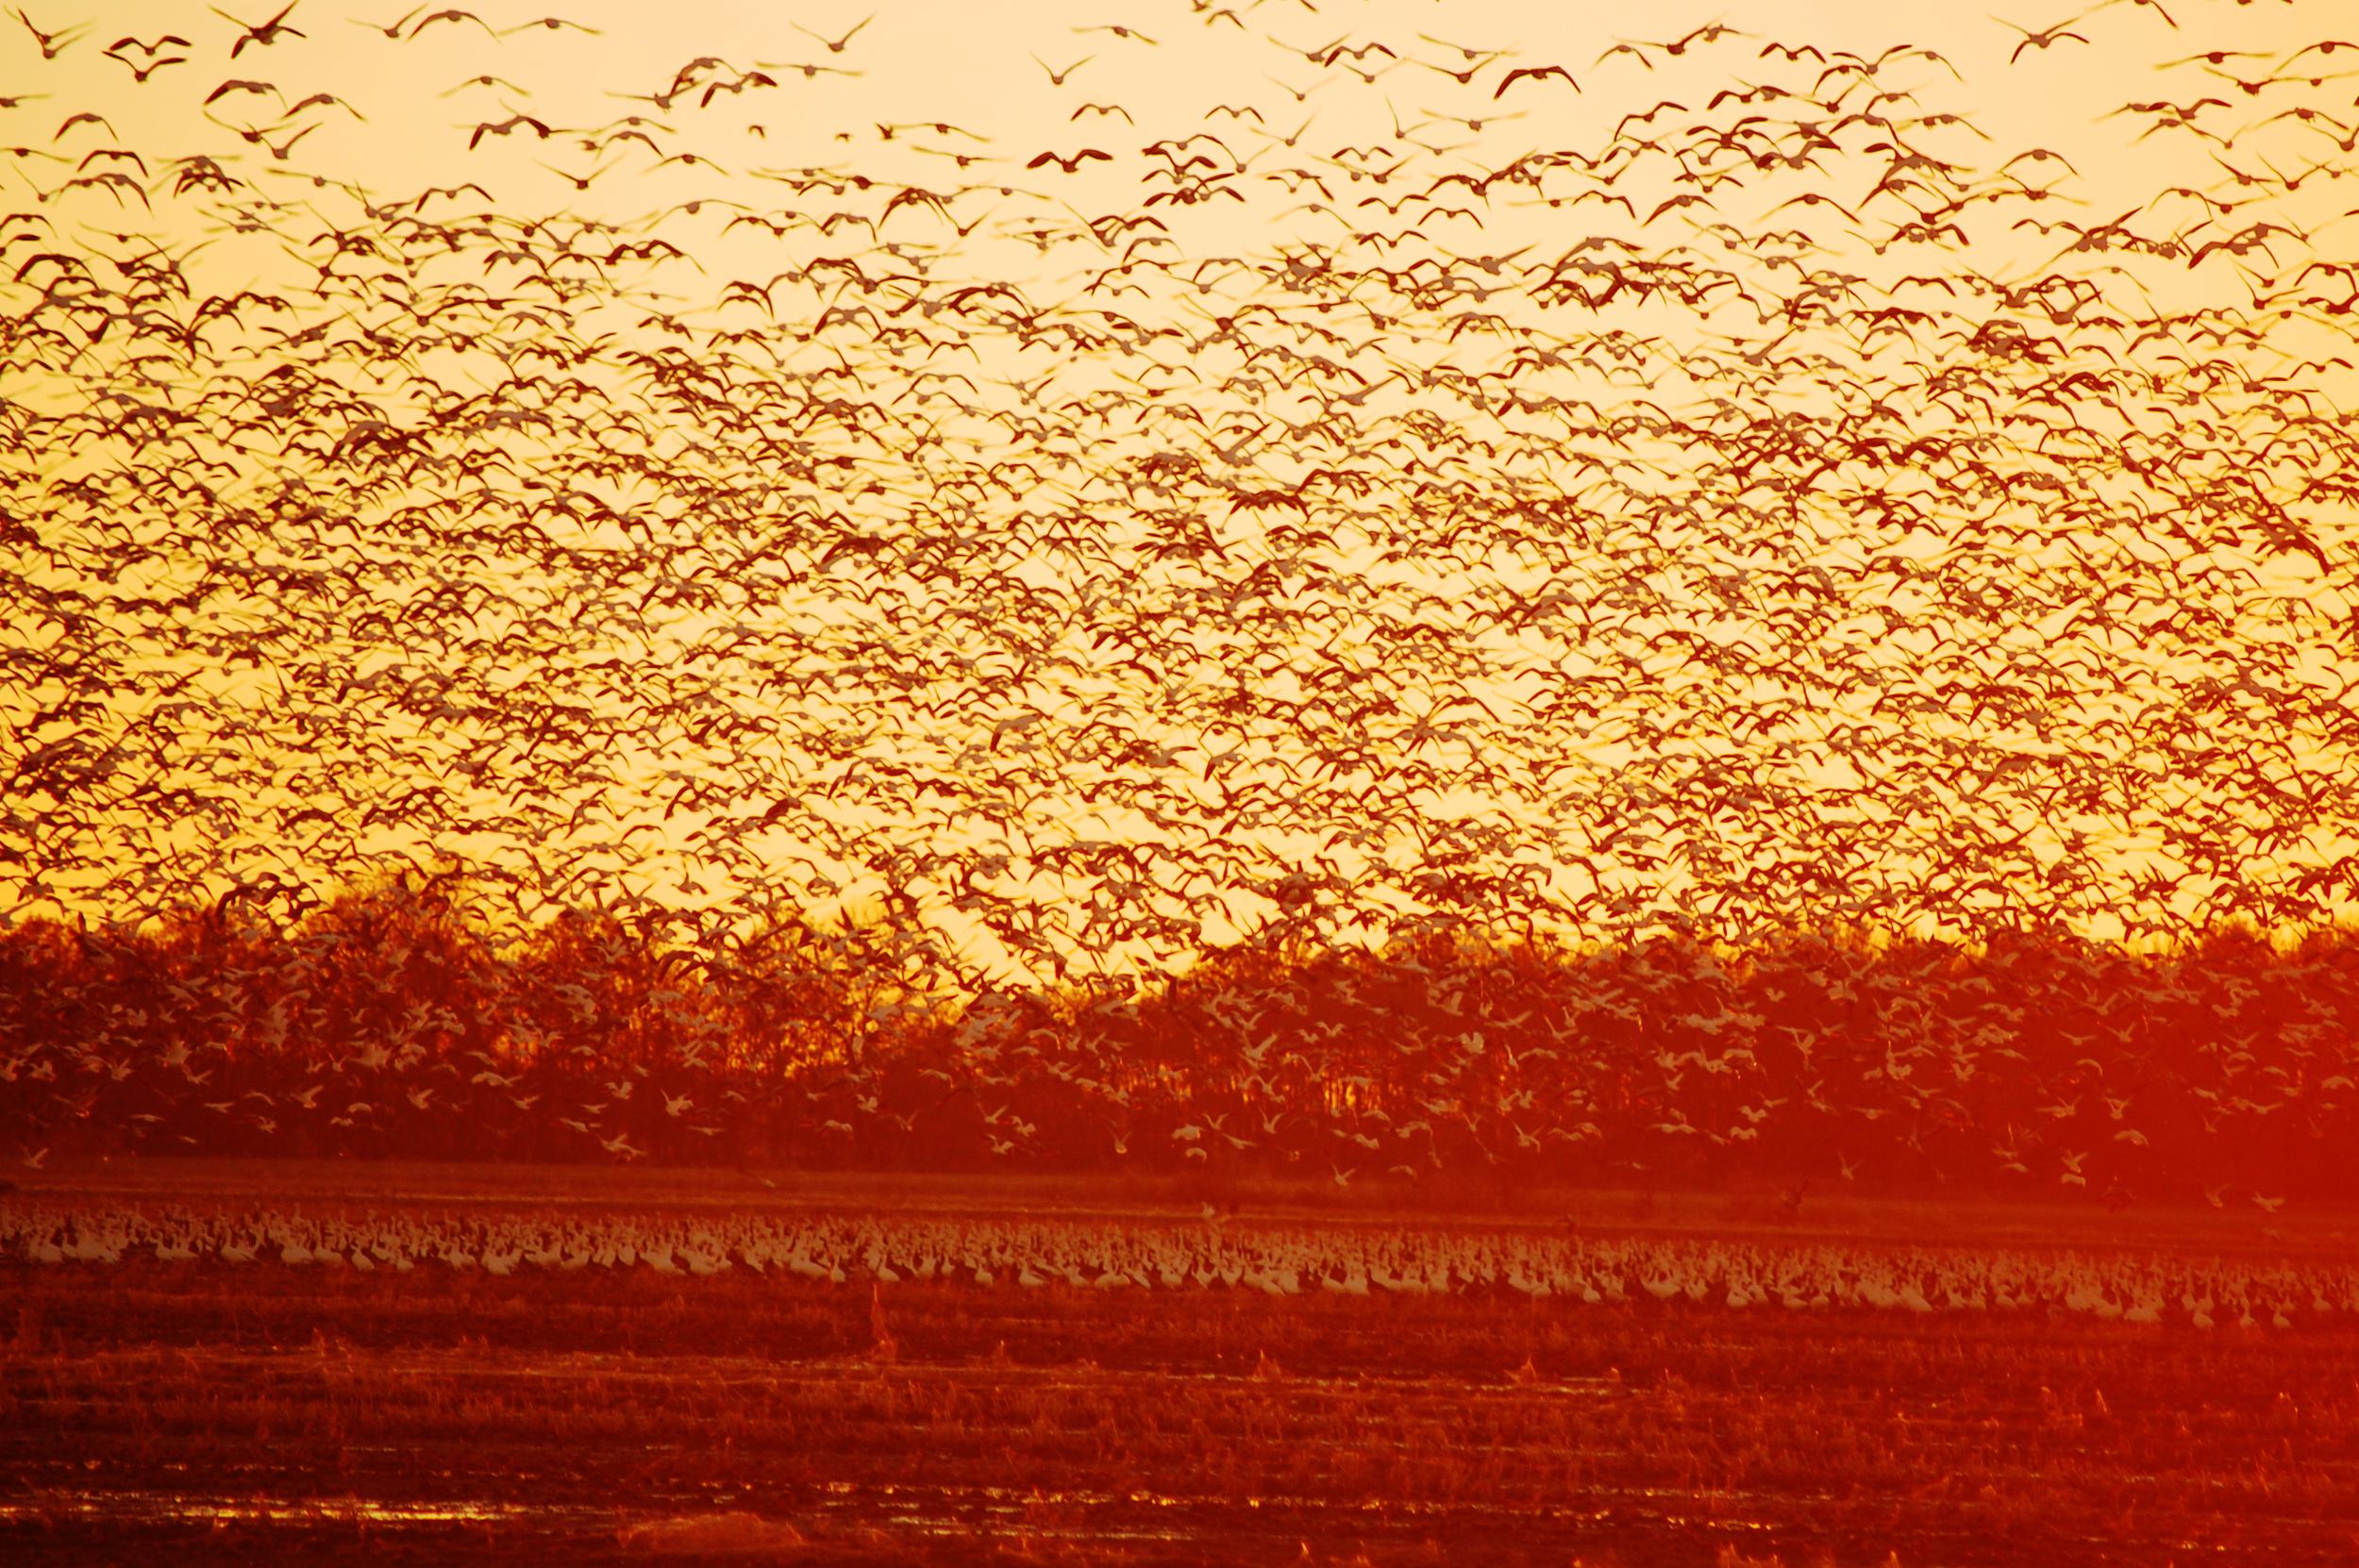 Migration on the Mississippi Delta